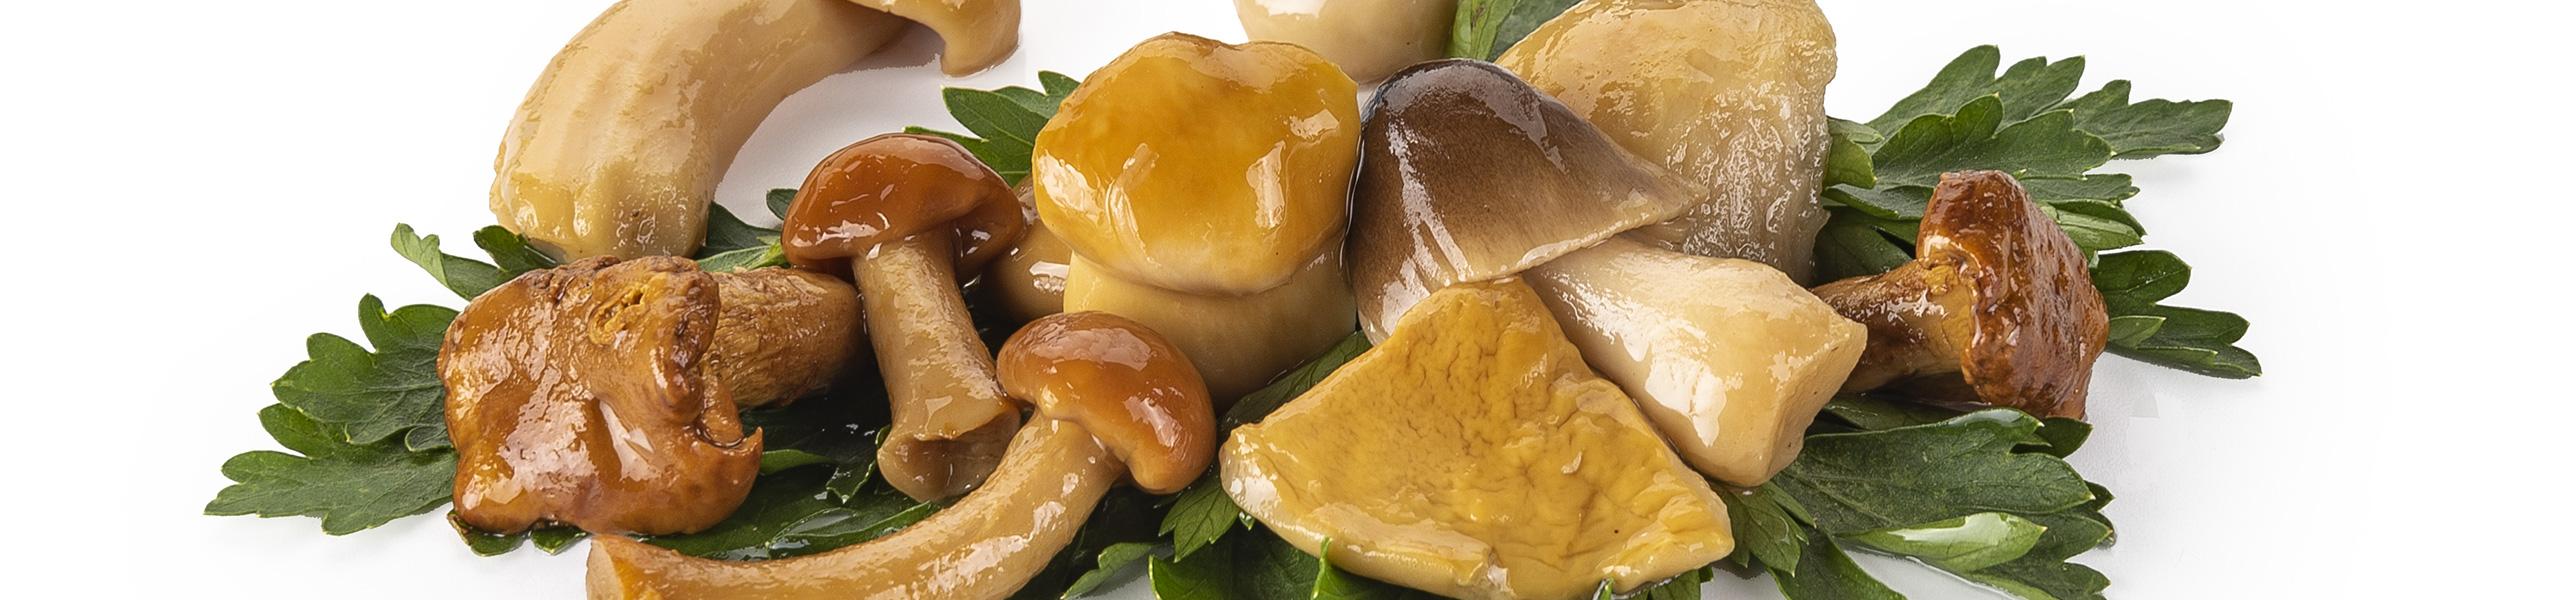 Antipasto Fantasia funghi misti in olio